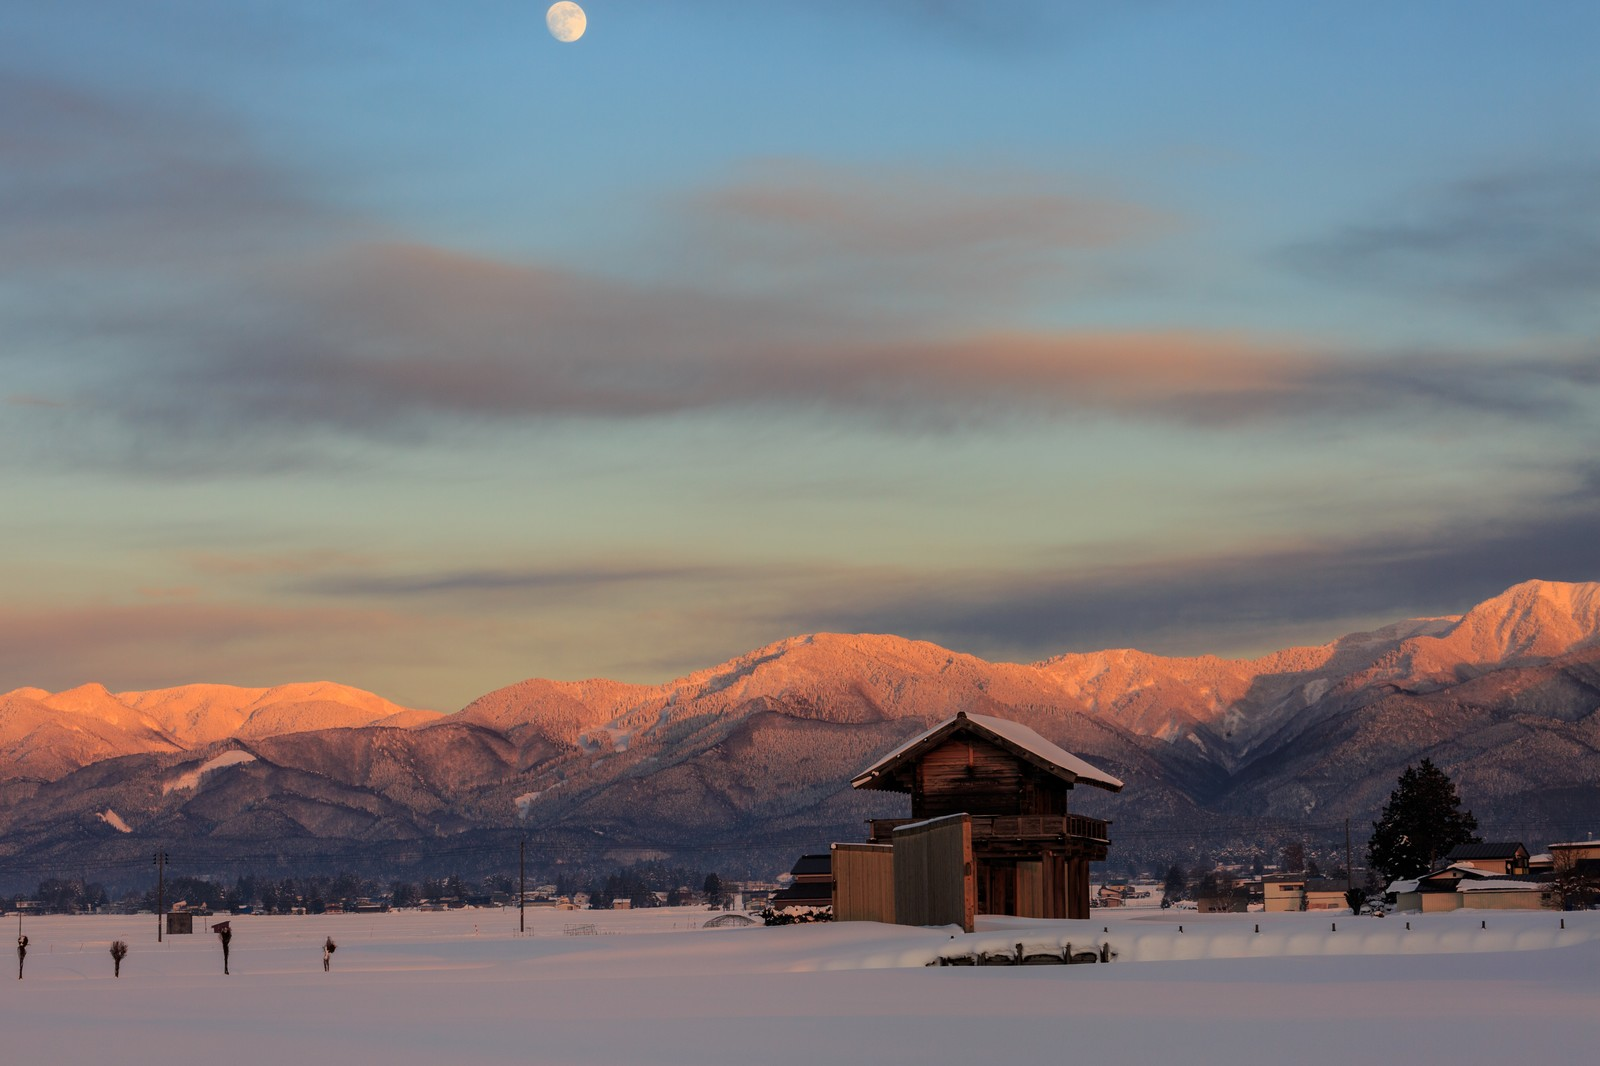 「雪に包まれた奥羽山脈と月」の写真